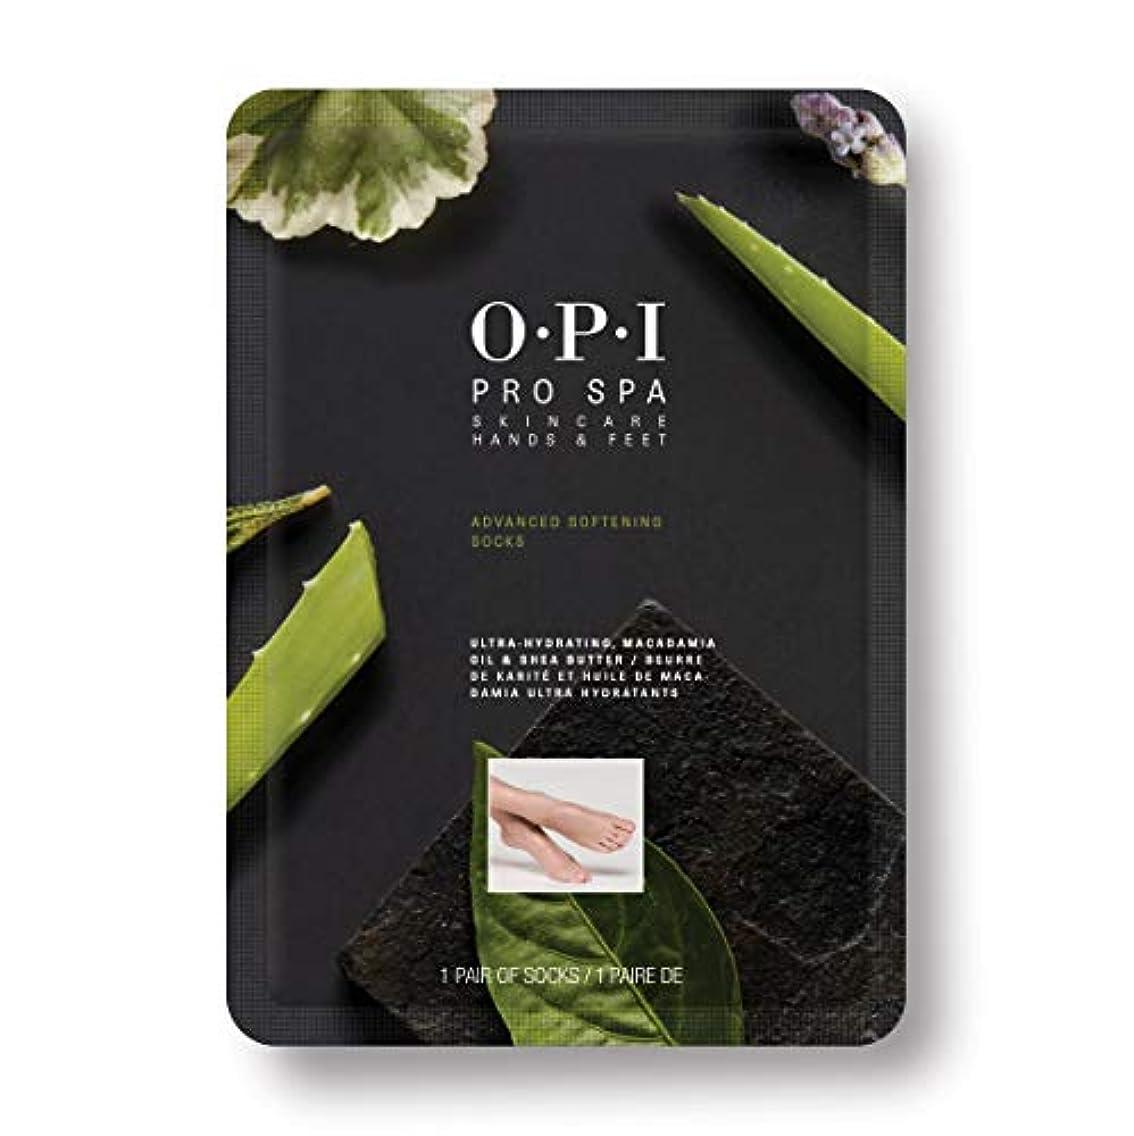 選択即席パラナ川OPI(オーピーアイ) プロスパ アドバンス ソフニング ソックス